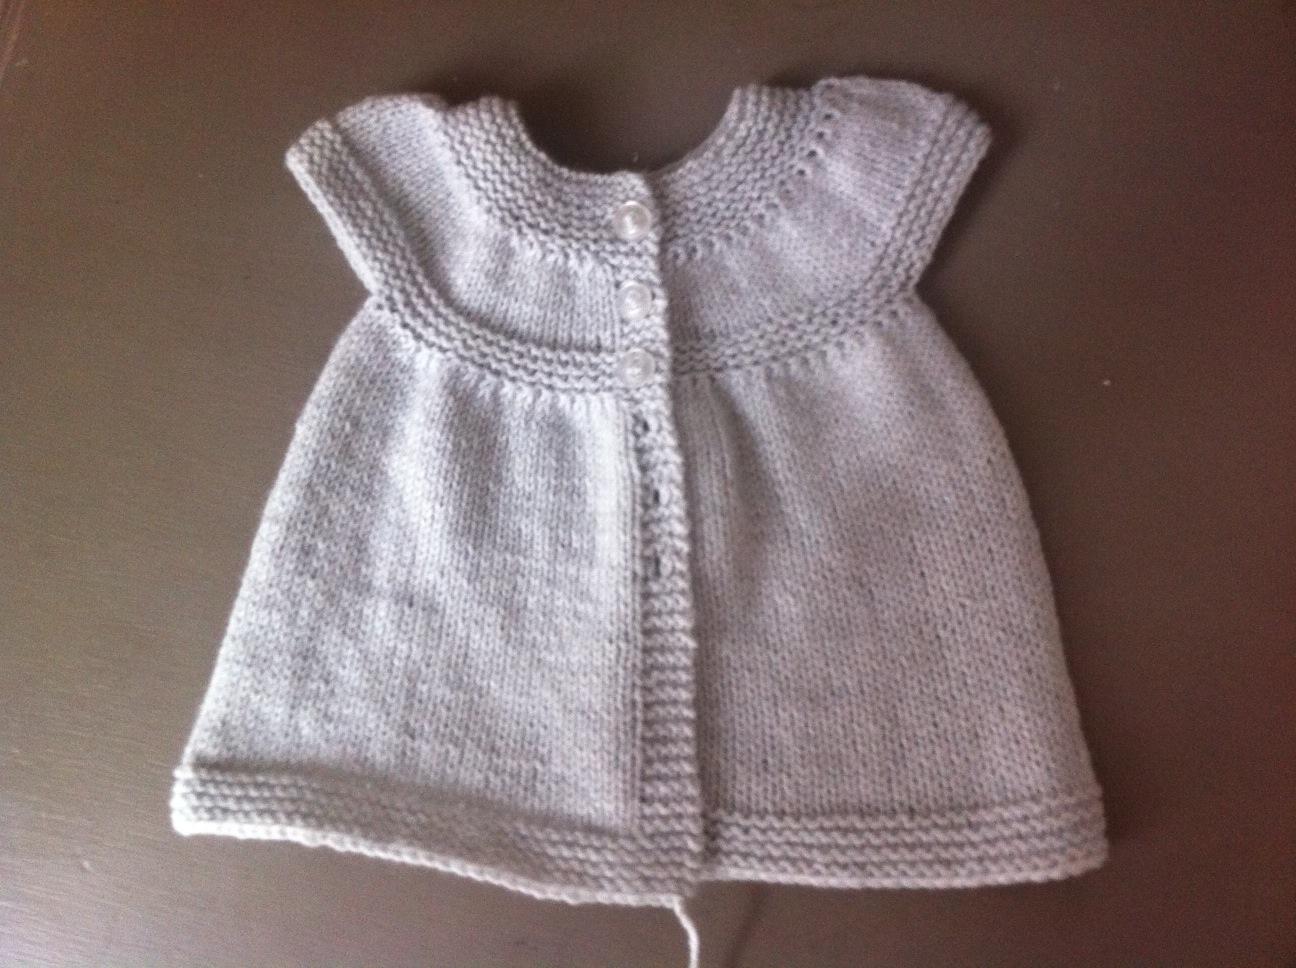 d09ffbed03eb Tricoter robe facile femme - Idées de tricot gratuit